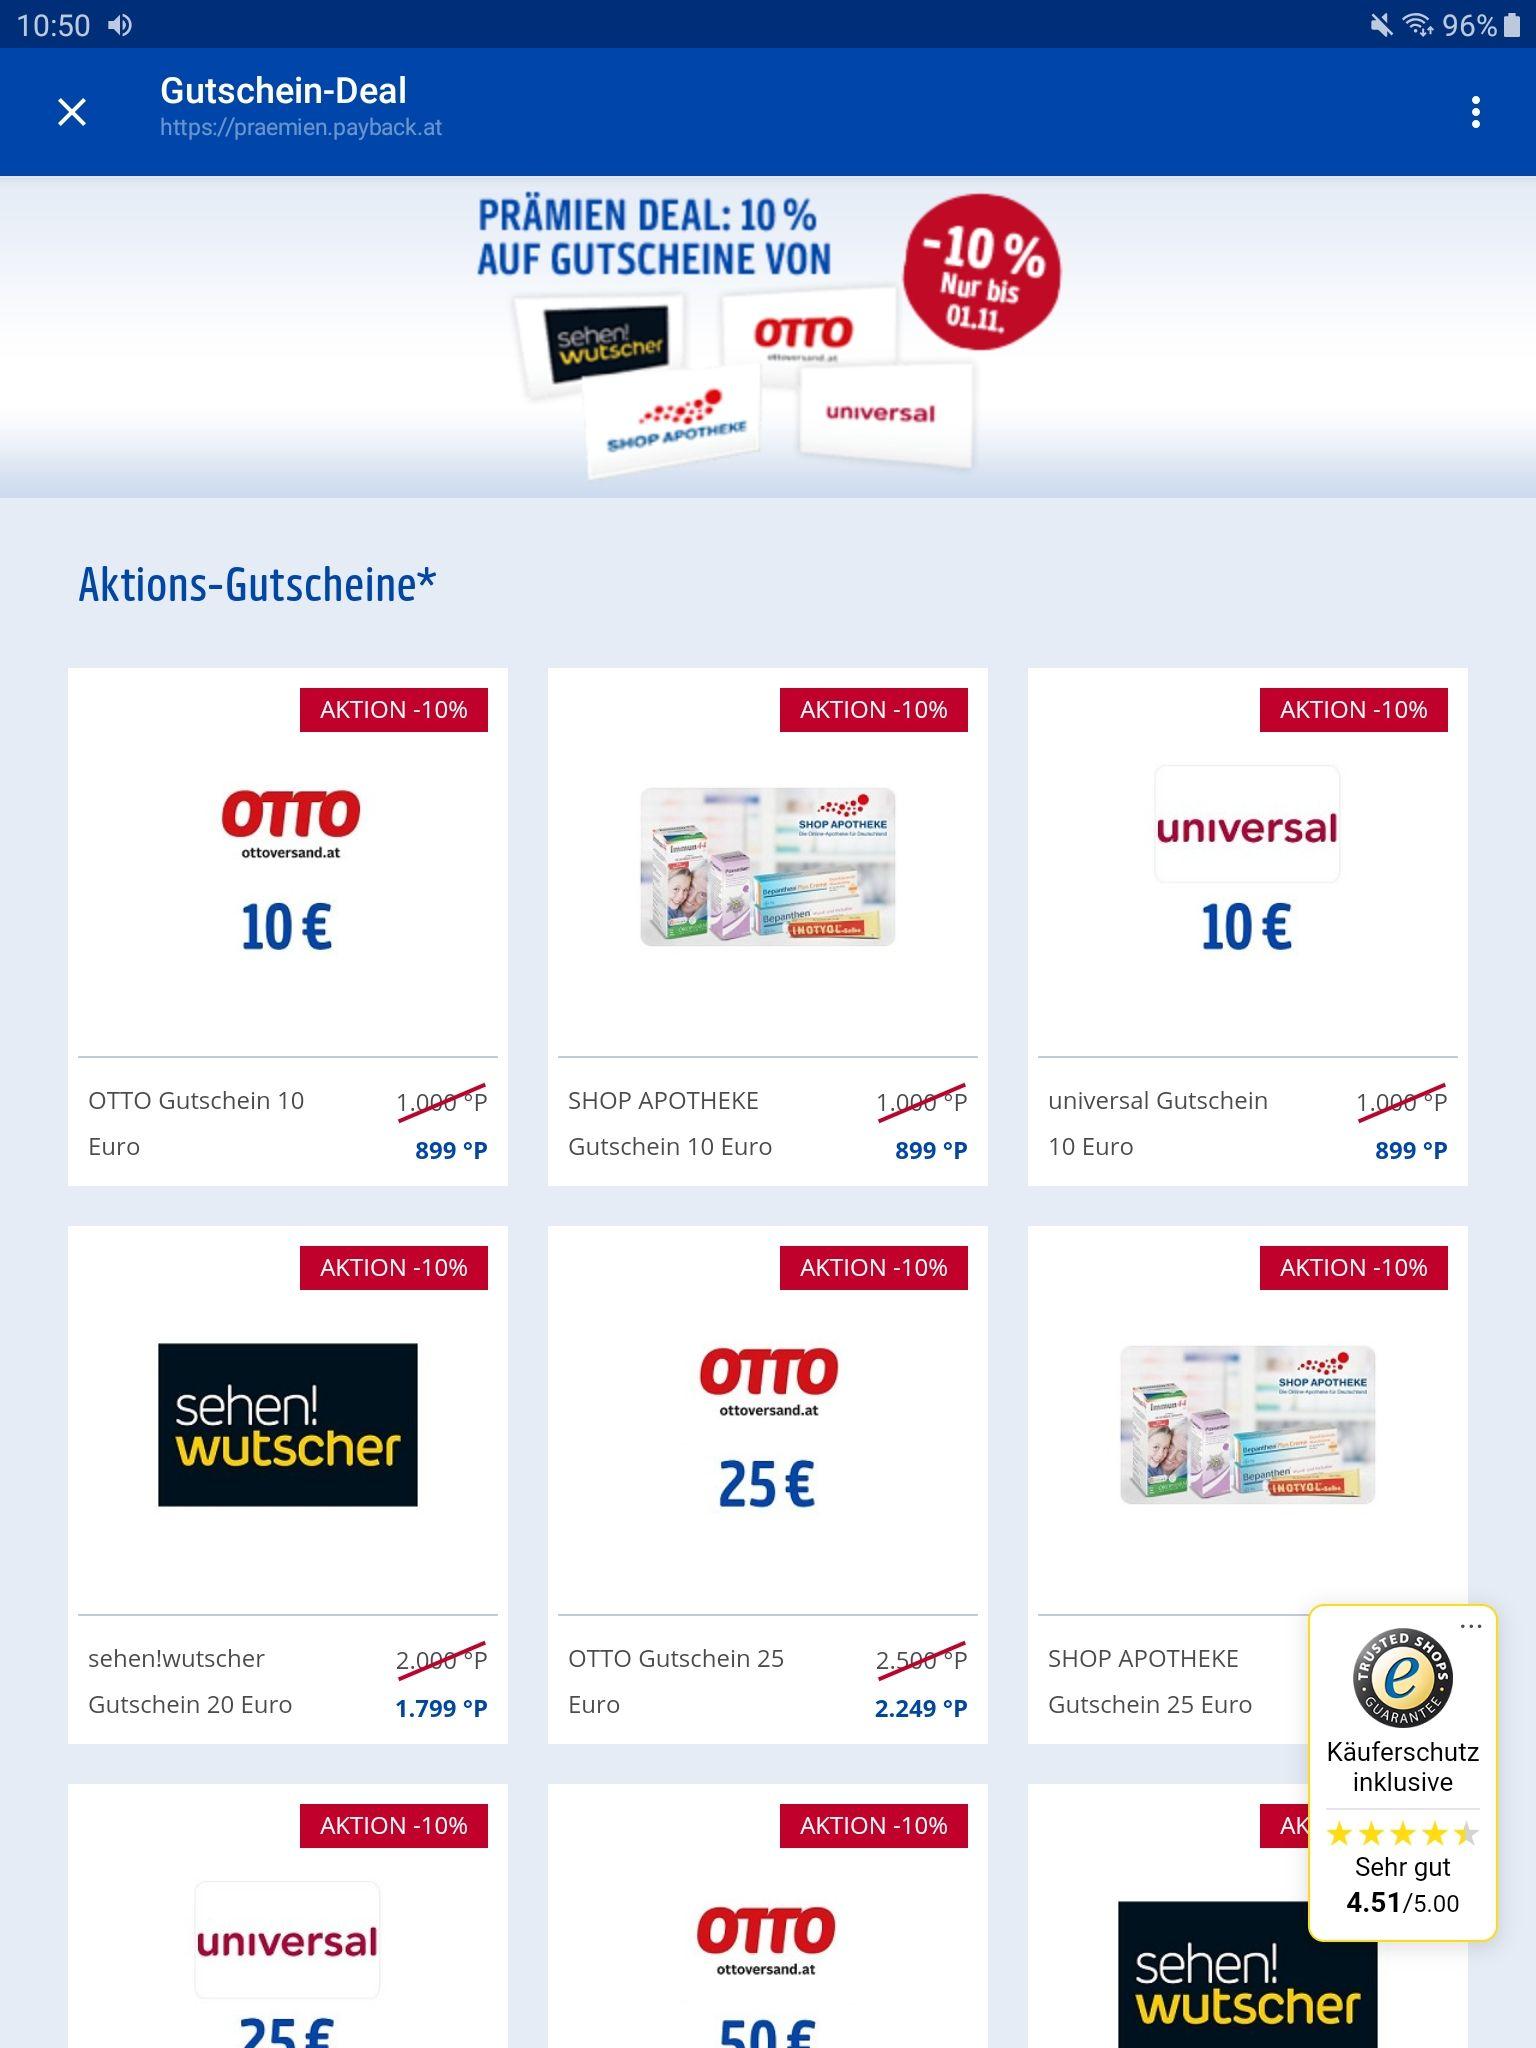 PAYBACK-Shop: Geschenk-Gutscheine -10% (Otto, Universal, Shop-Apotheke u. Wutscher)